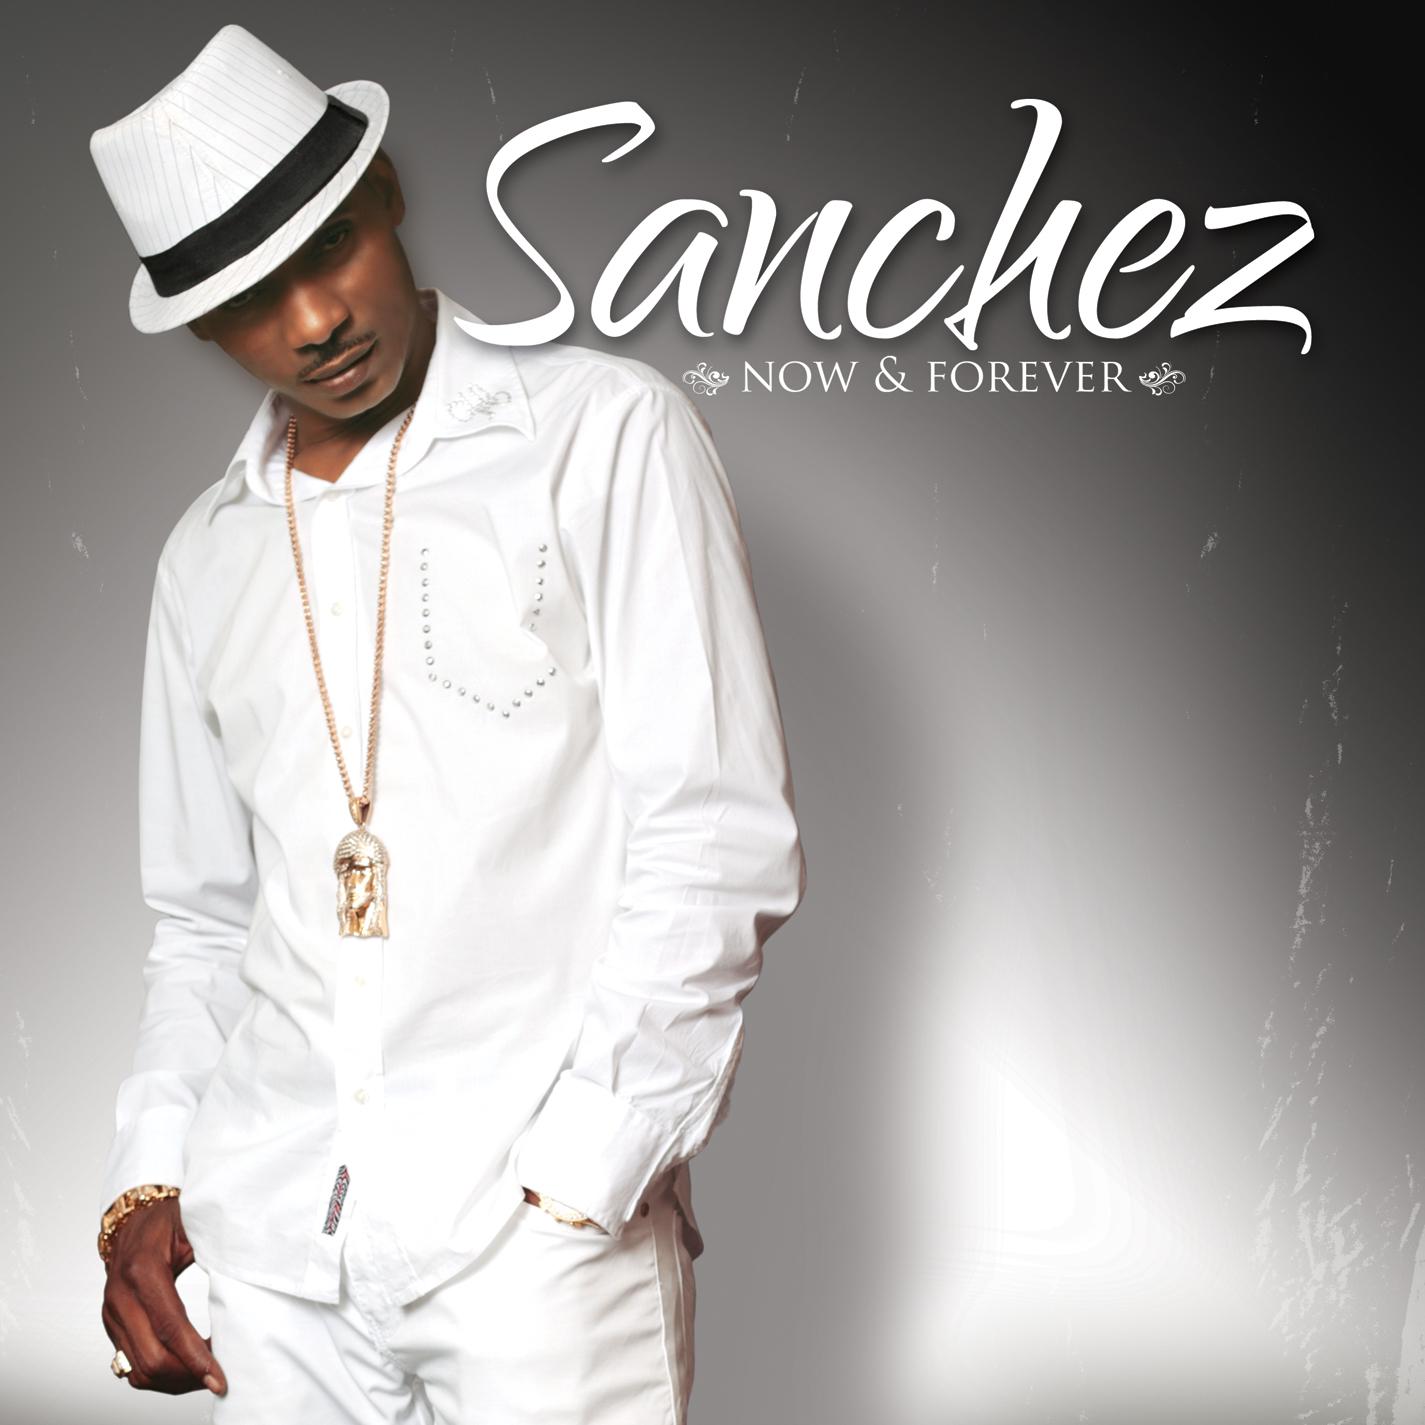 The Top 10 Sanchez Songs - Jamaicans.com